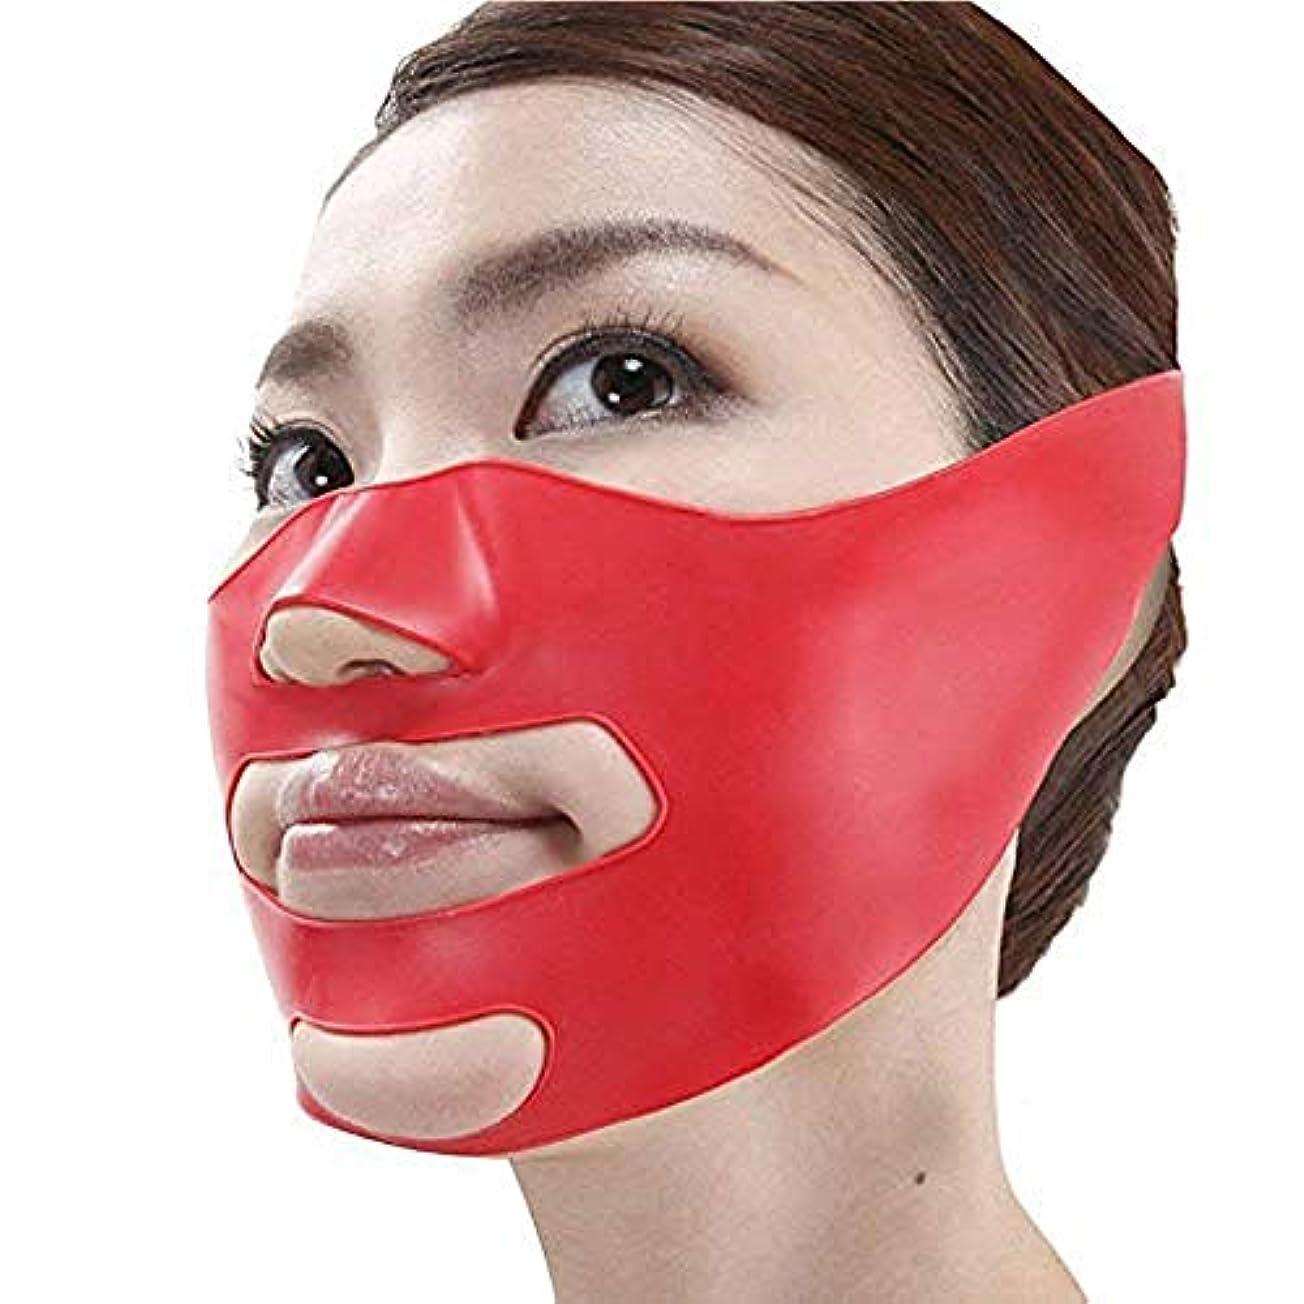 観察するコース排気Lindexs 小顔矯正 マスク 小顔補正ベルト ほうれい線 3Dエクササイズマスク リフトスリムマスク 抗シワ サウナマスク 法令線予防 美容グッ (フリーサイズ)